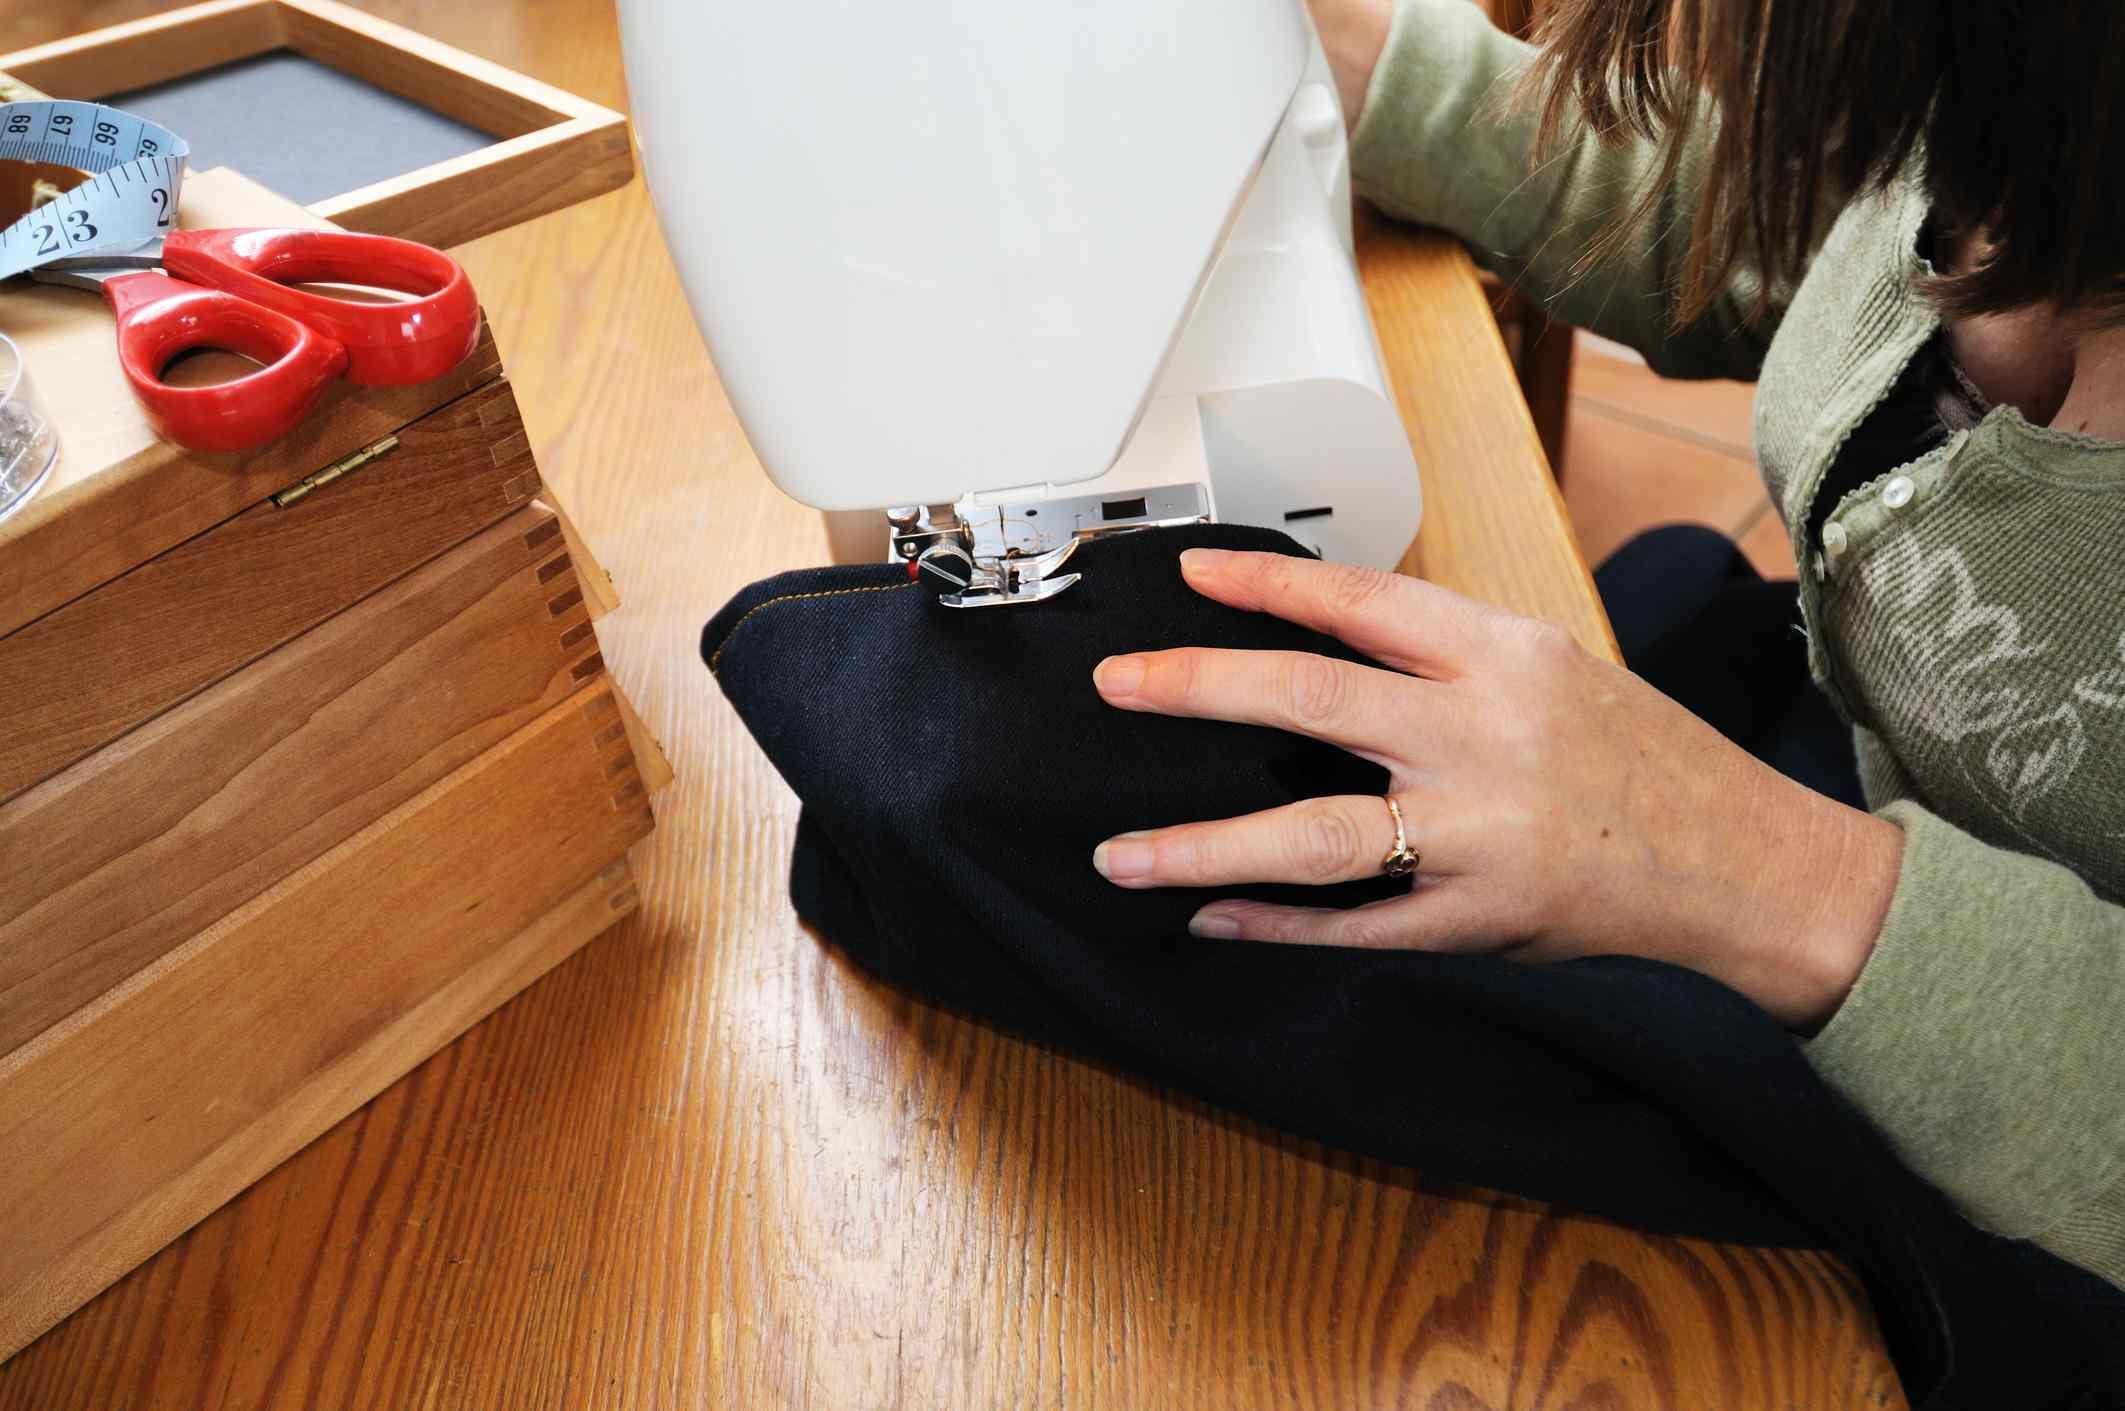 Hemming denim jeans